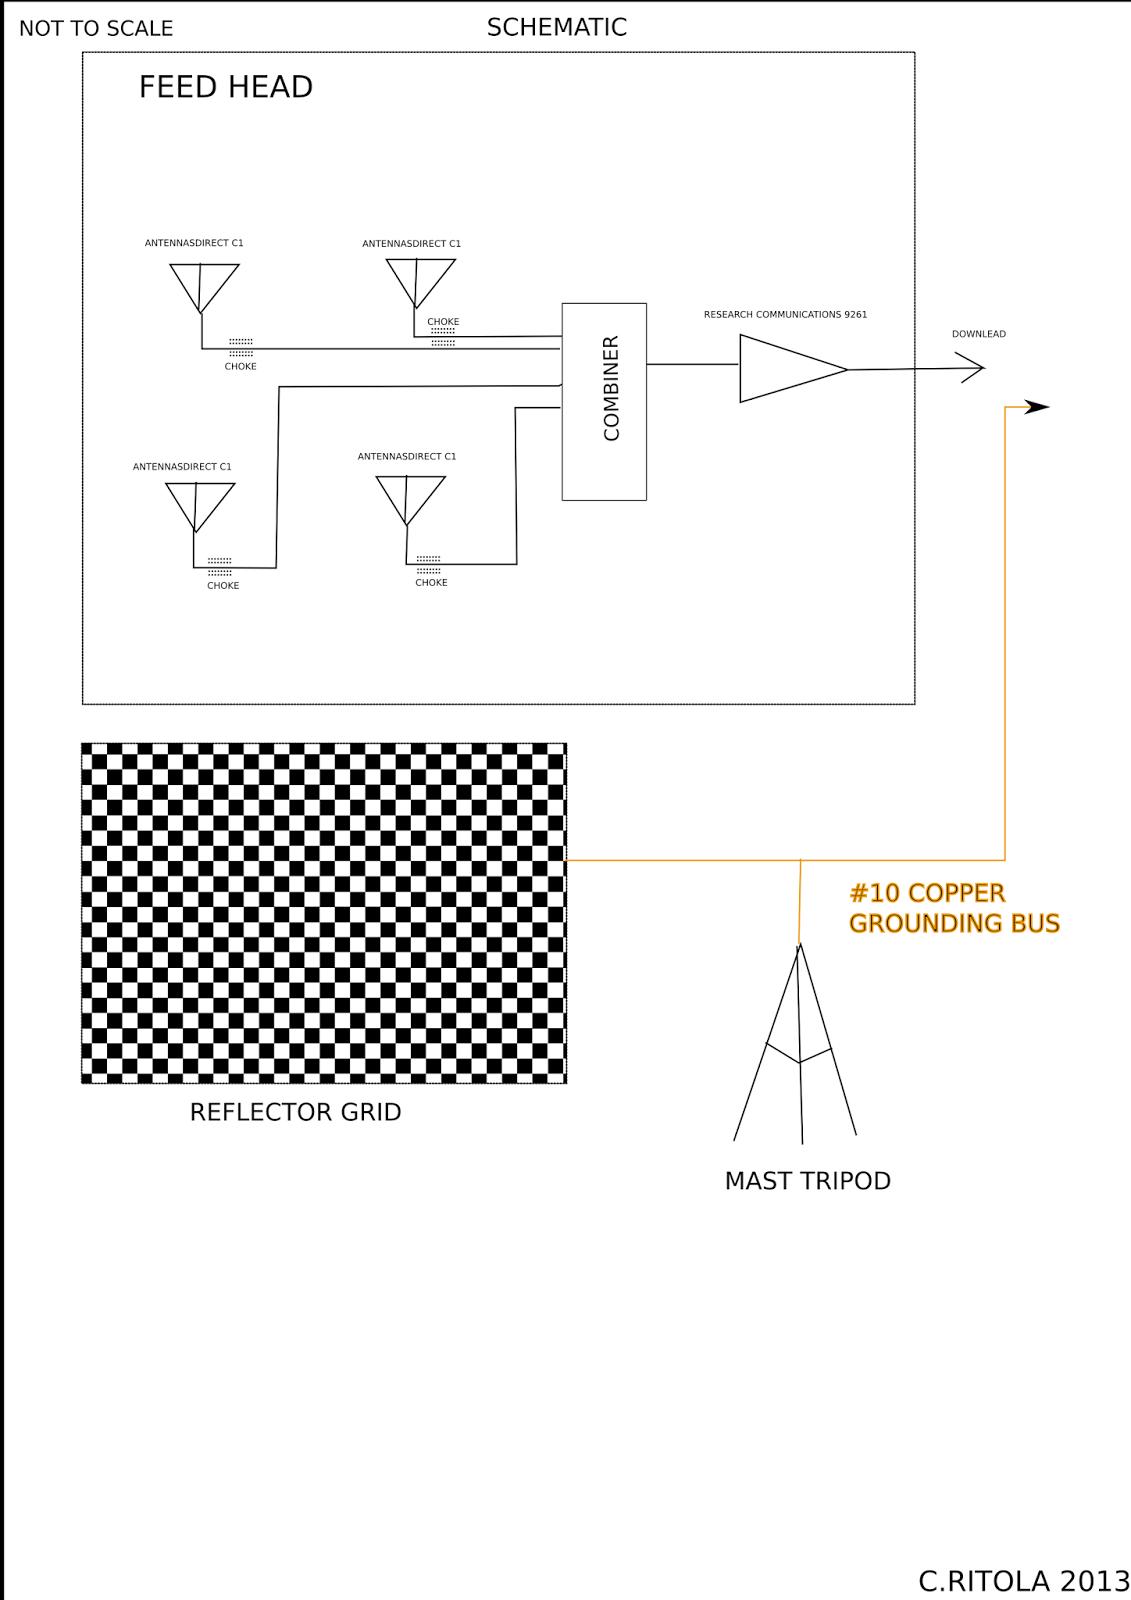 Audio Etc Uhf Parabolic Antenna Assembly